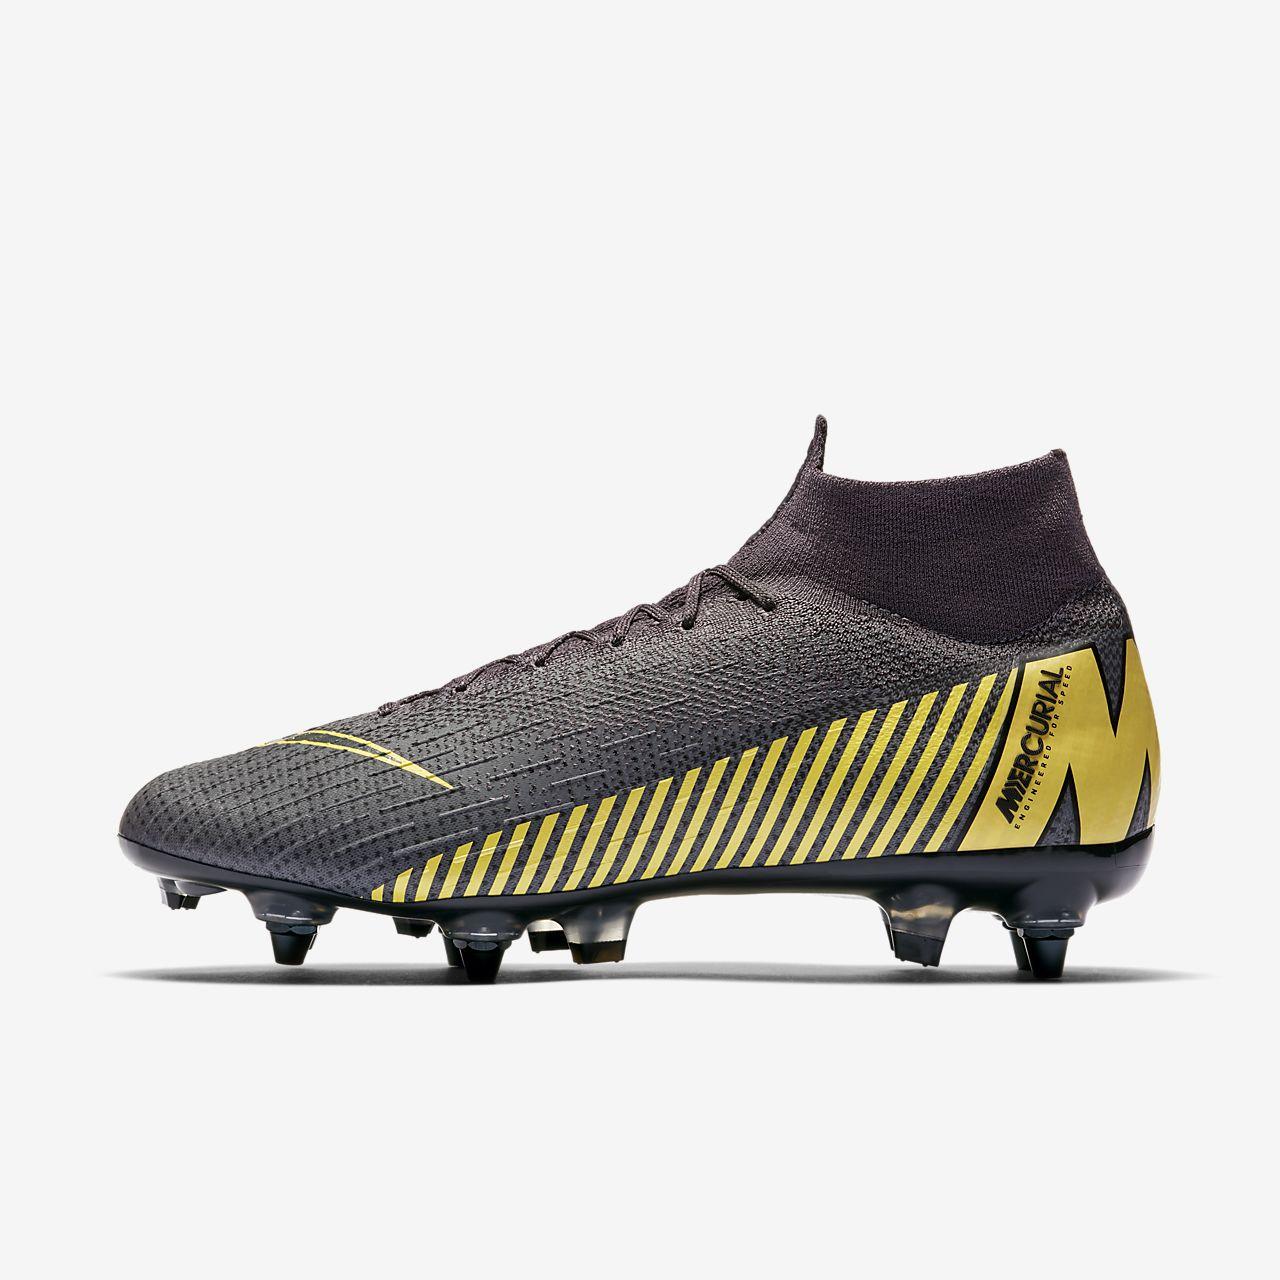 Fotbollssko för mjukt underlag Nike Mercurial Superfly 360 Elite SG-PRO Anti-Clog